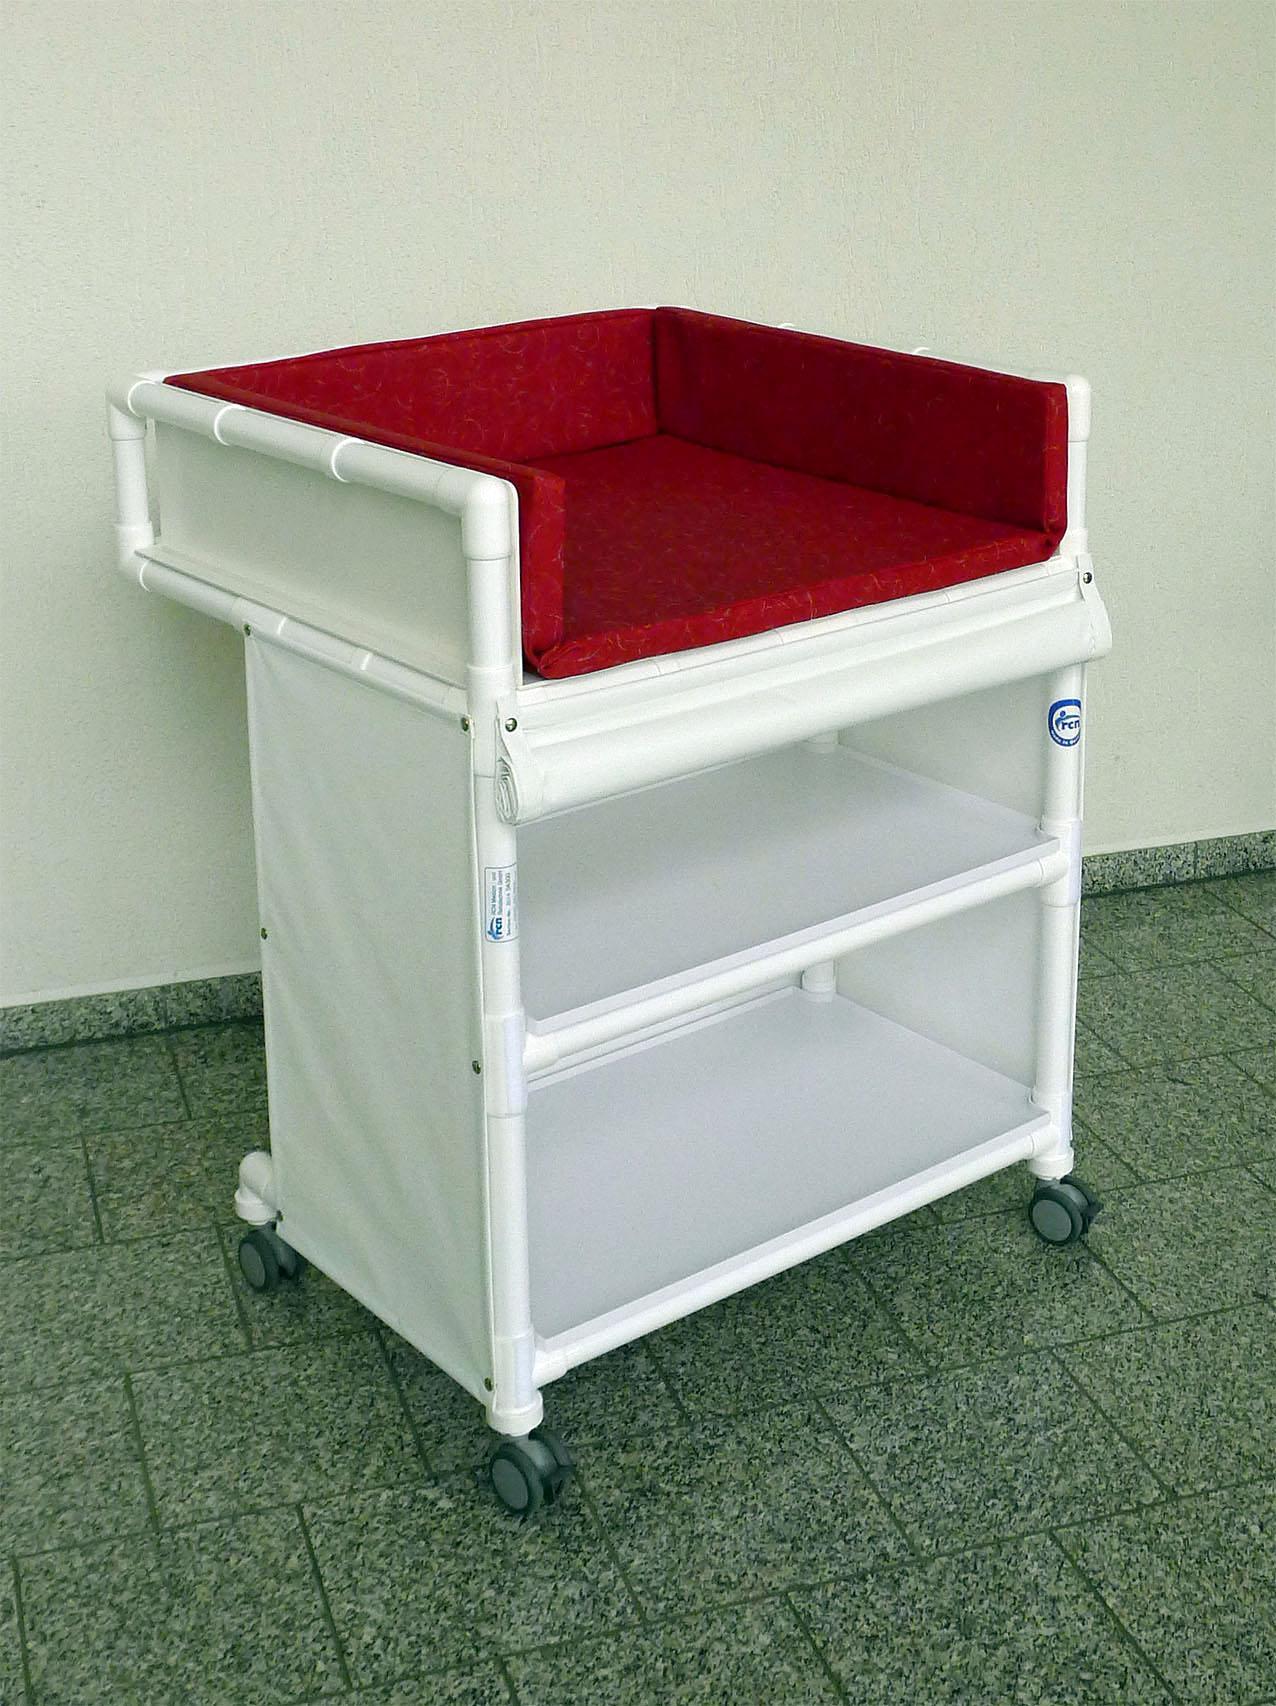 klinik wk5 rollbare wickelkommode wickeltisch rcn kaufen bei demenzeinrichtungsberatung. Black Bedroom Furniture Sets. Home Design Ideas